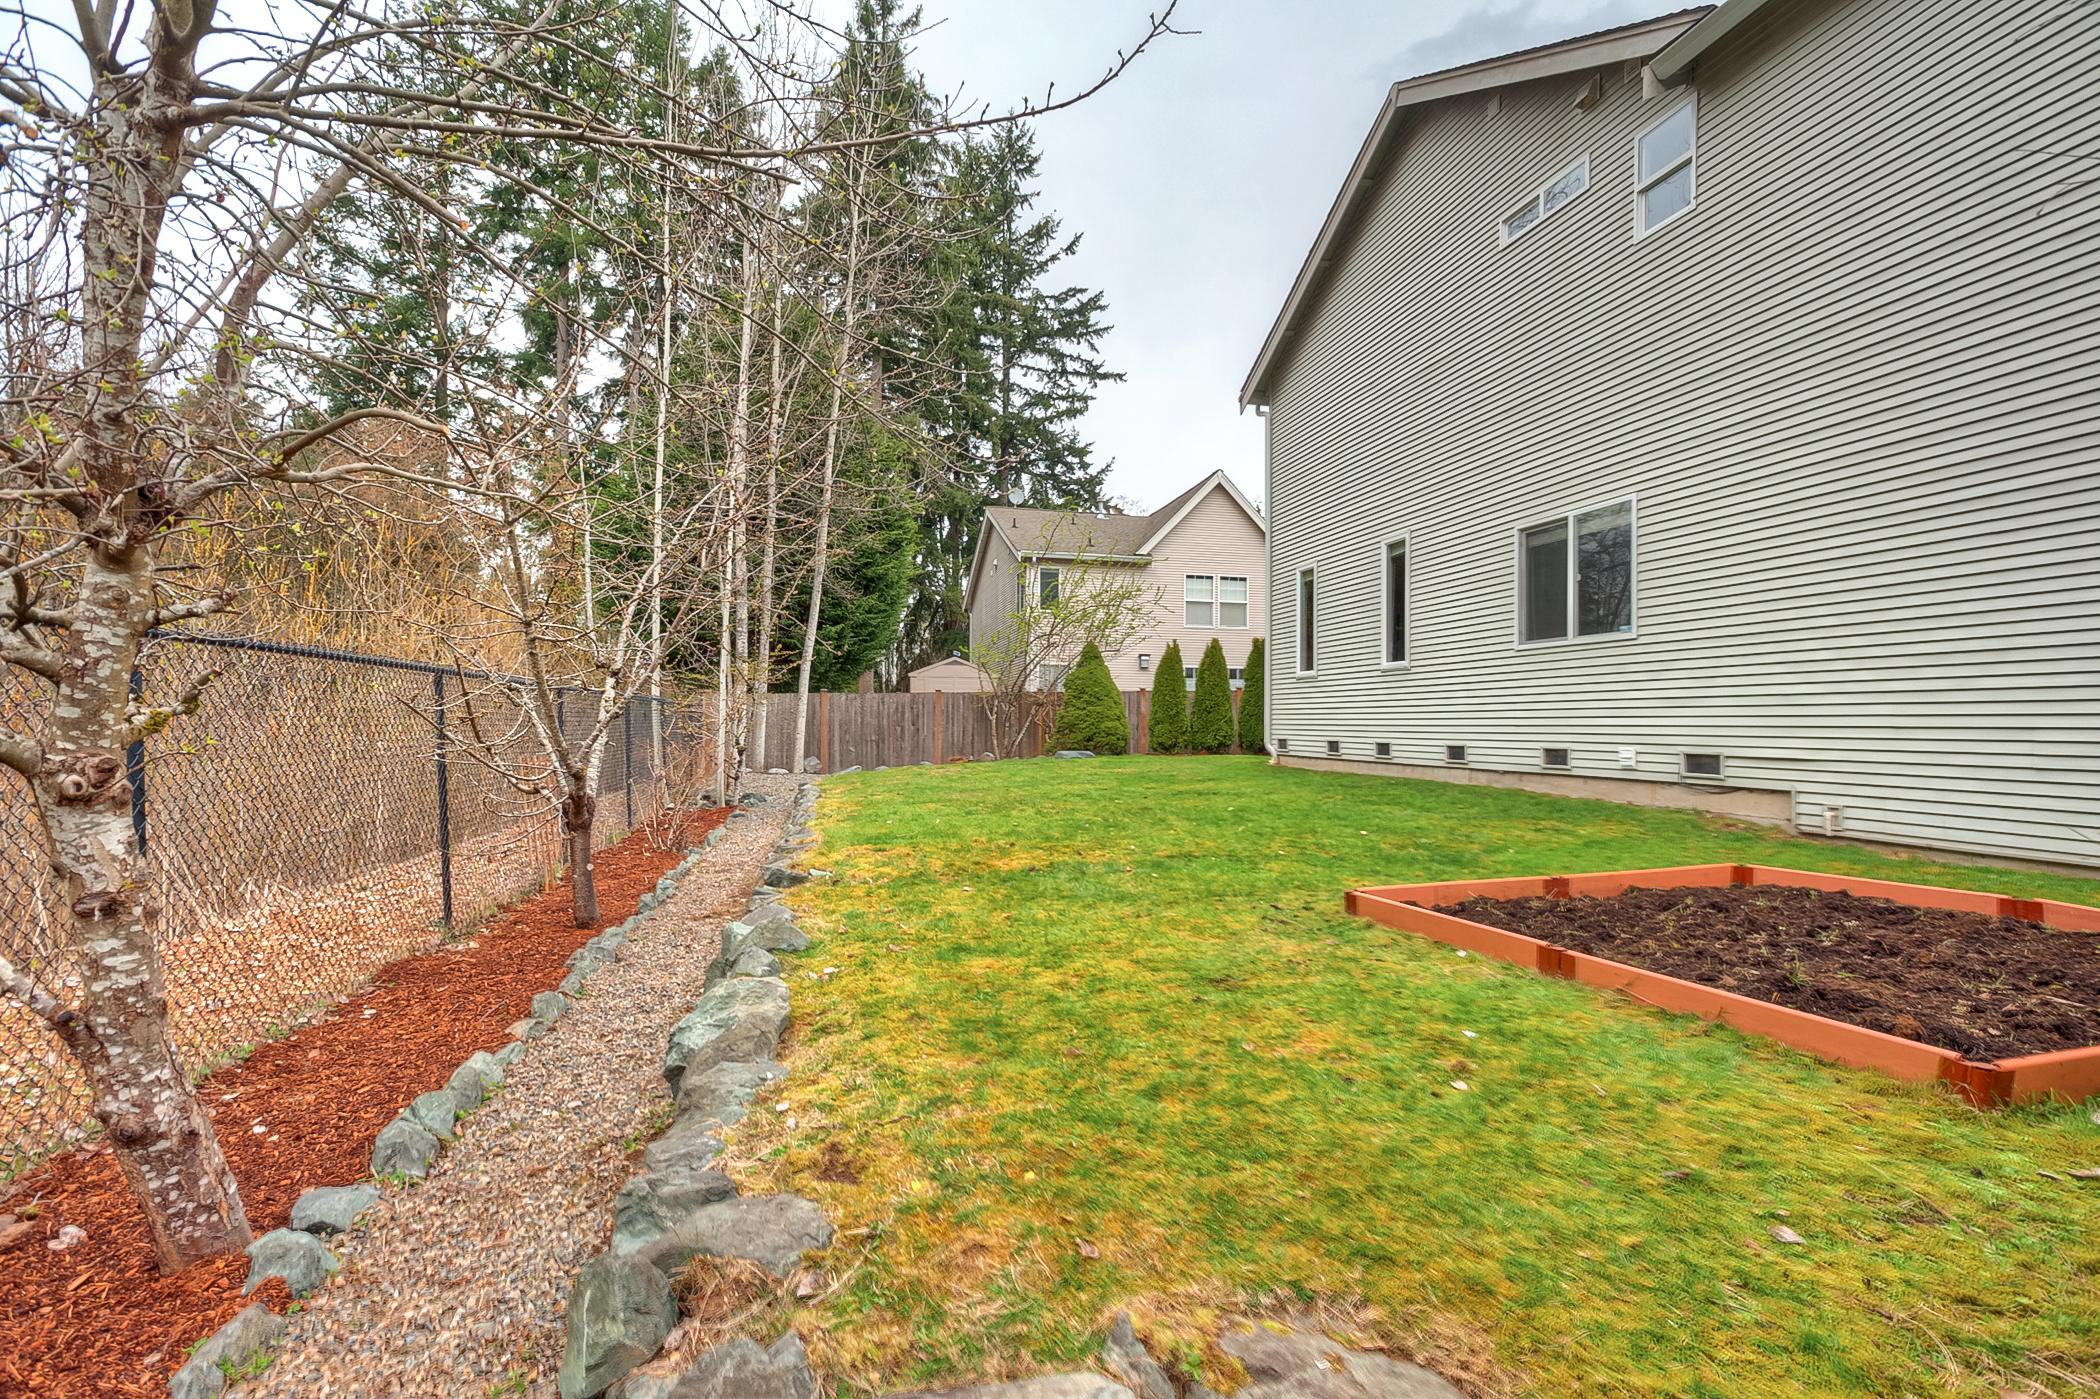 17-yard garden 3919.jpg